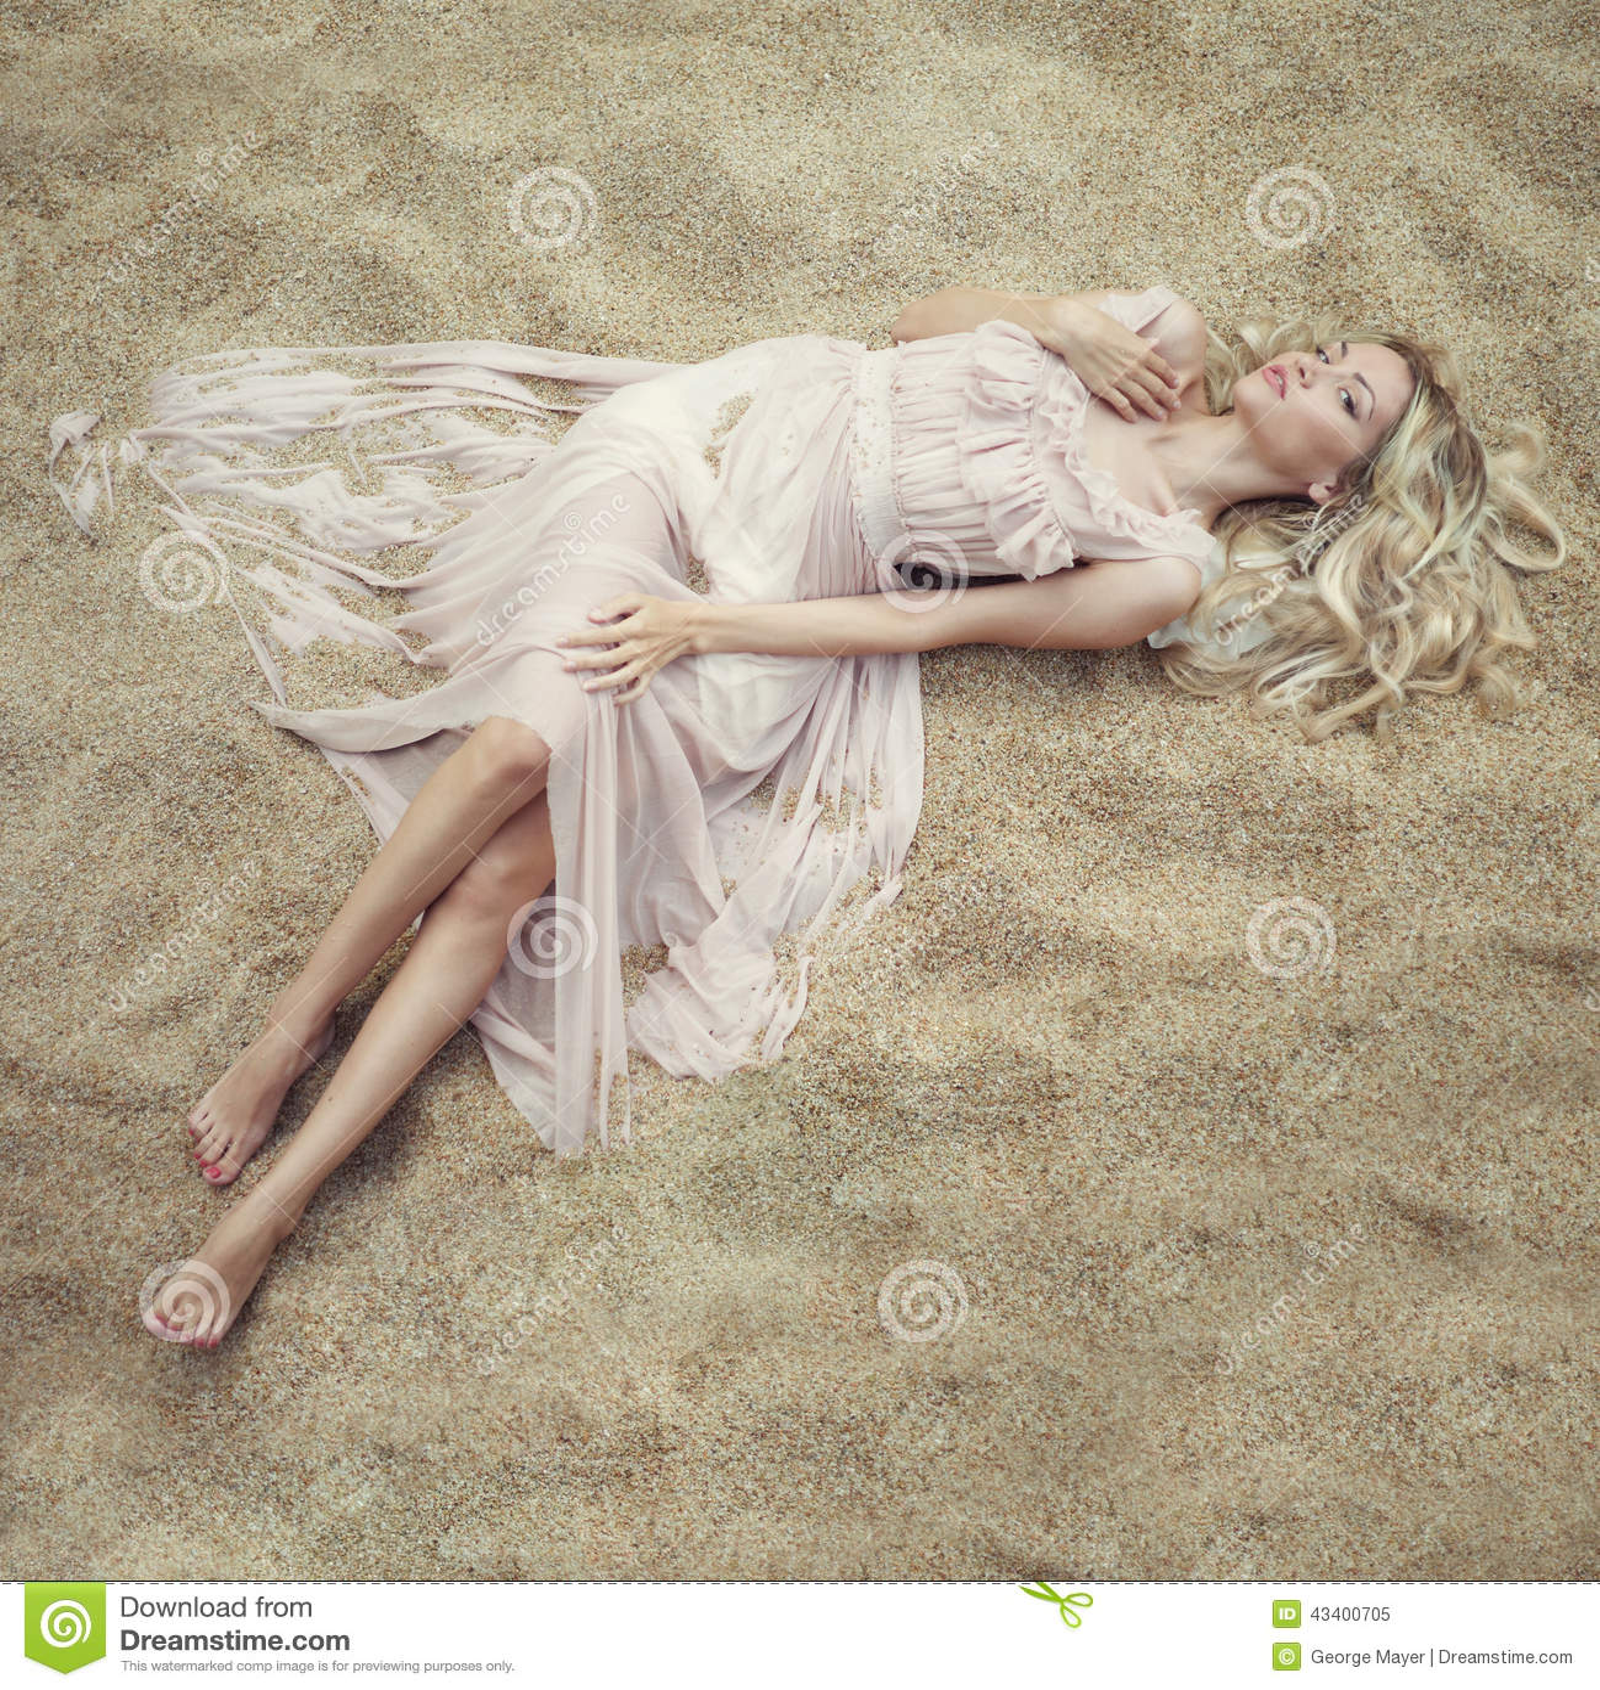 Beautiful Woman On Sand Stock Photo - Image: 43400705